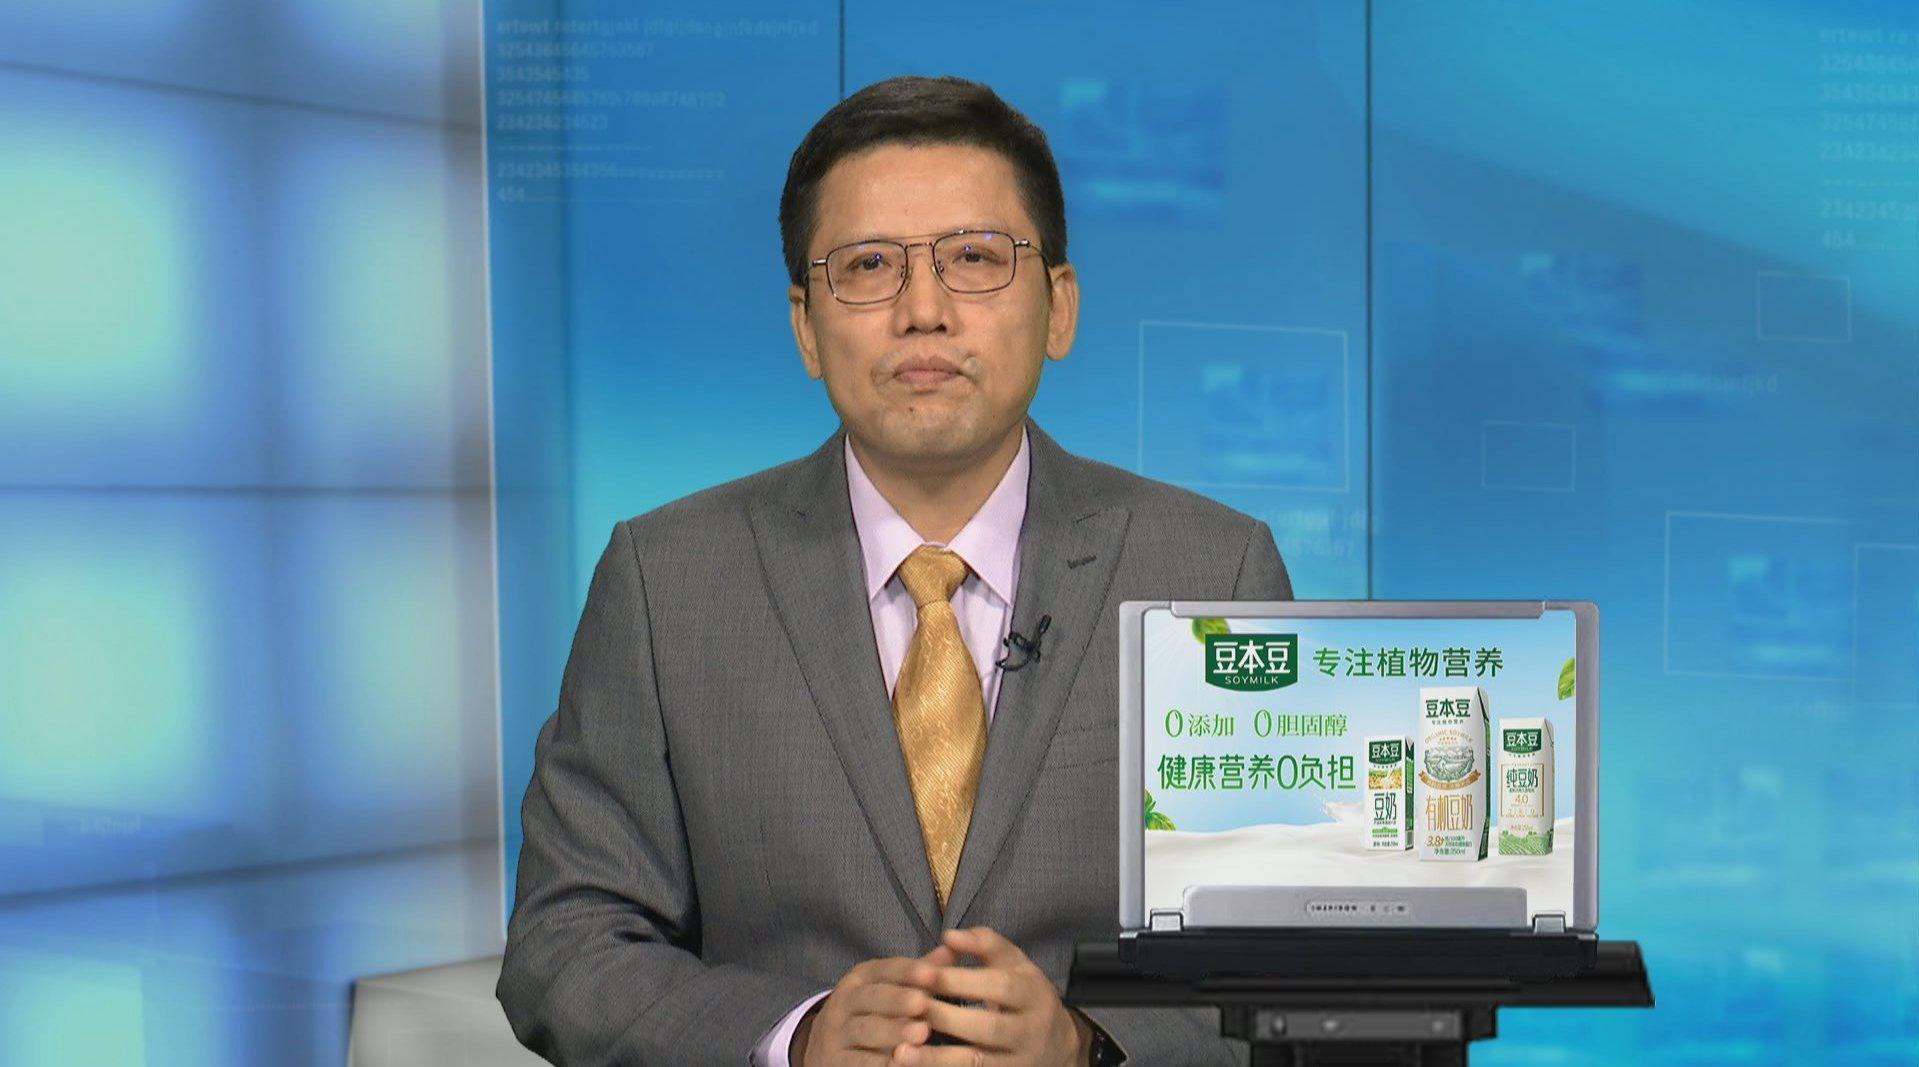 刘和平:台湾光复75周年 汪洋讲话传递何种信号?